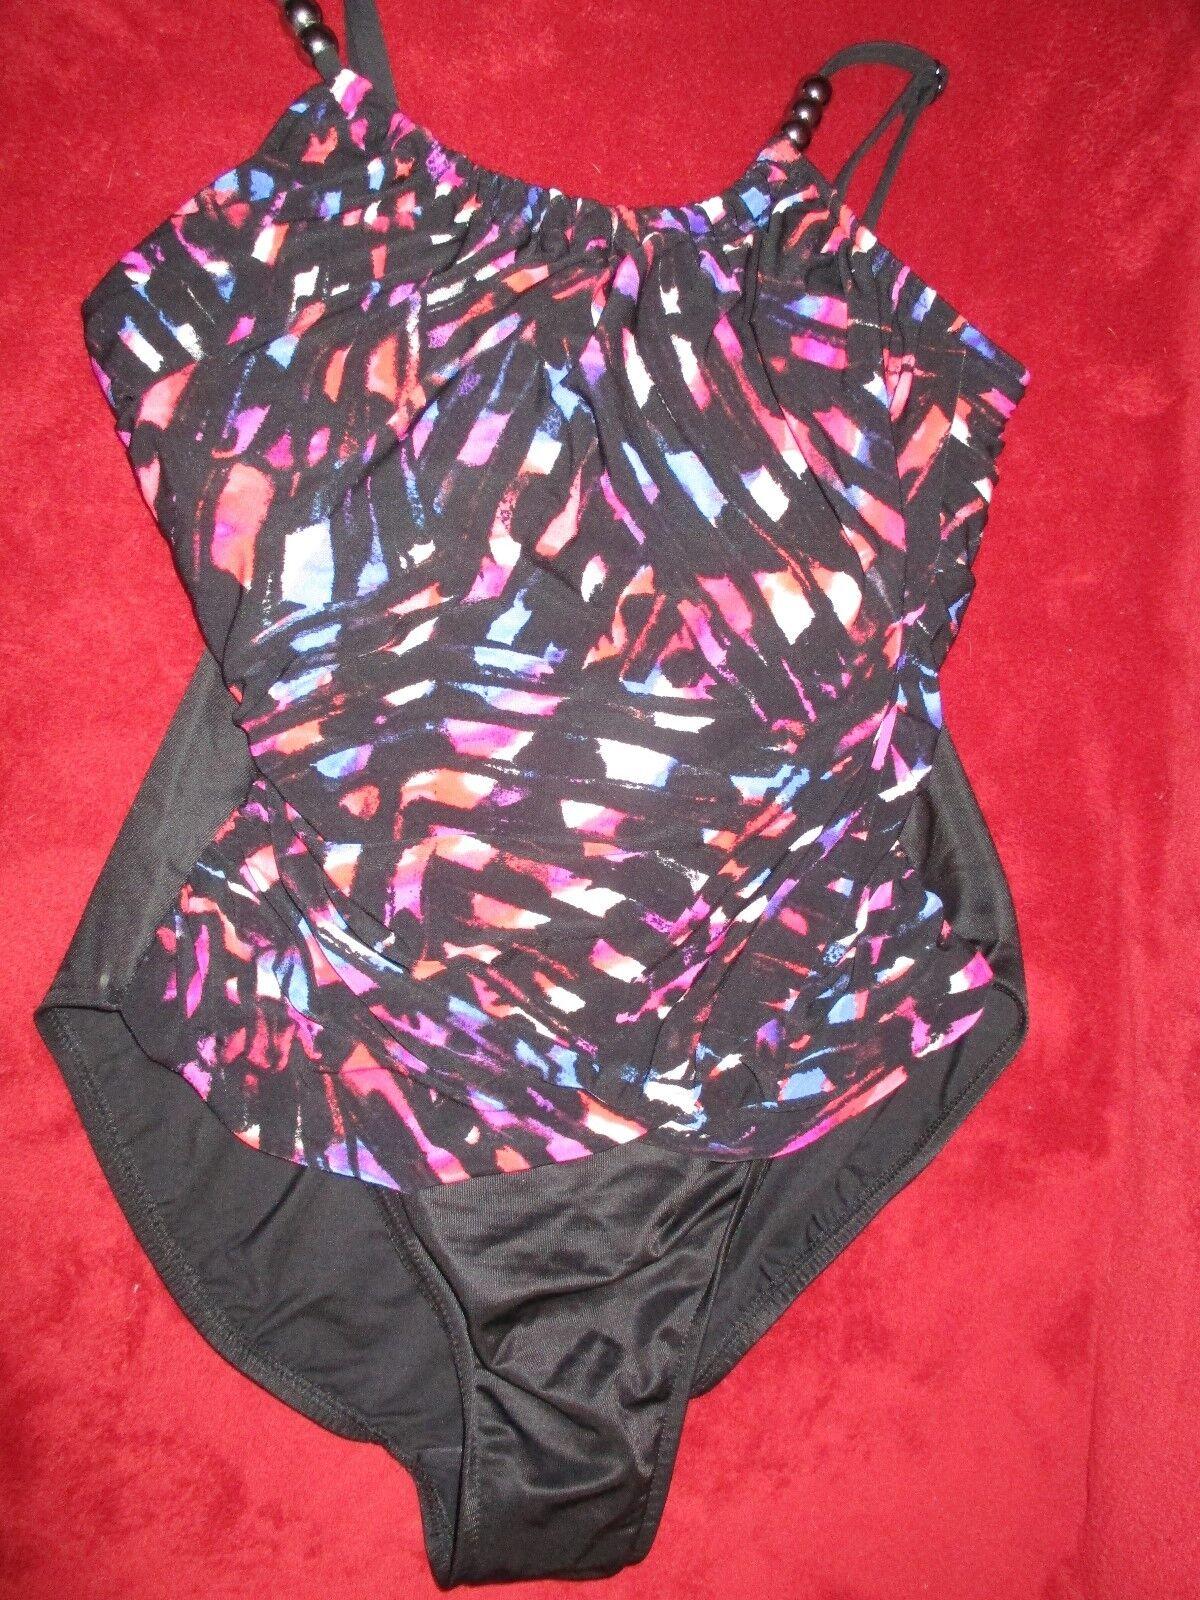 Womens Magicsuit GorgeousBathing SuitSize 14 EUC-Amazing